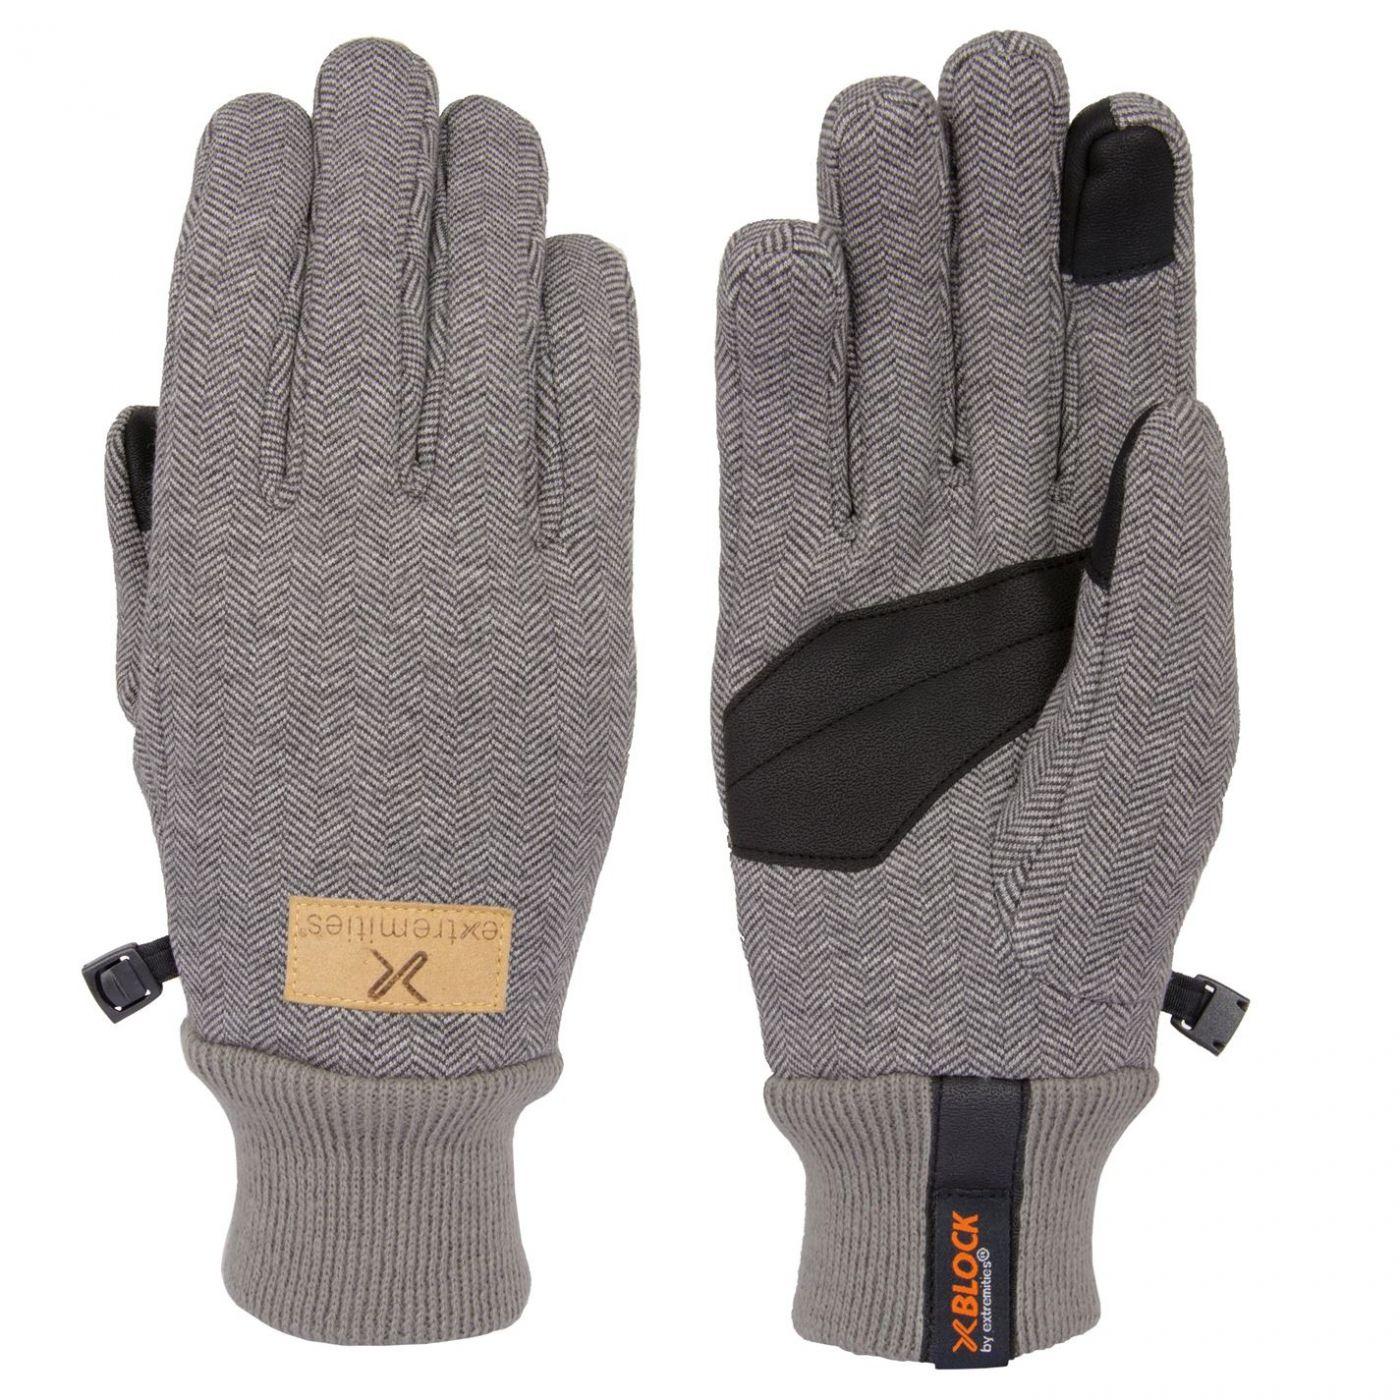 Extremities Bora Glove 84